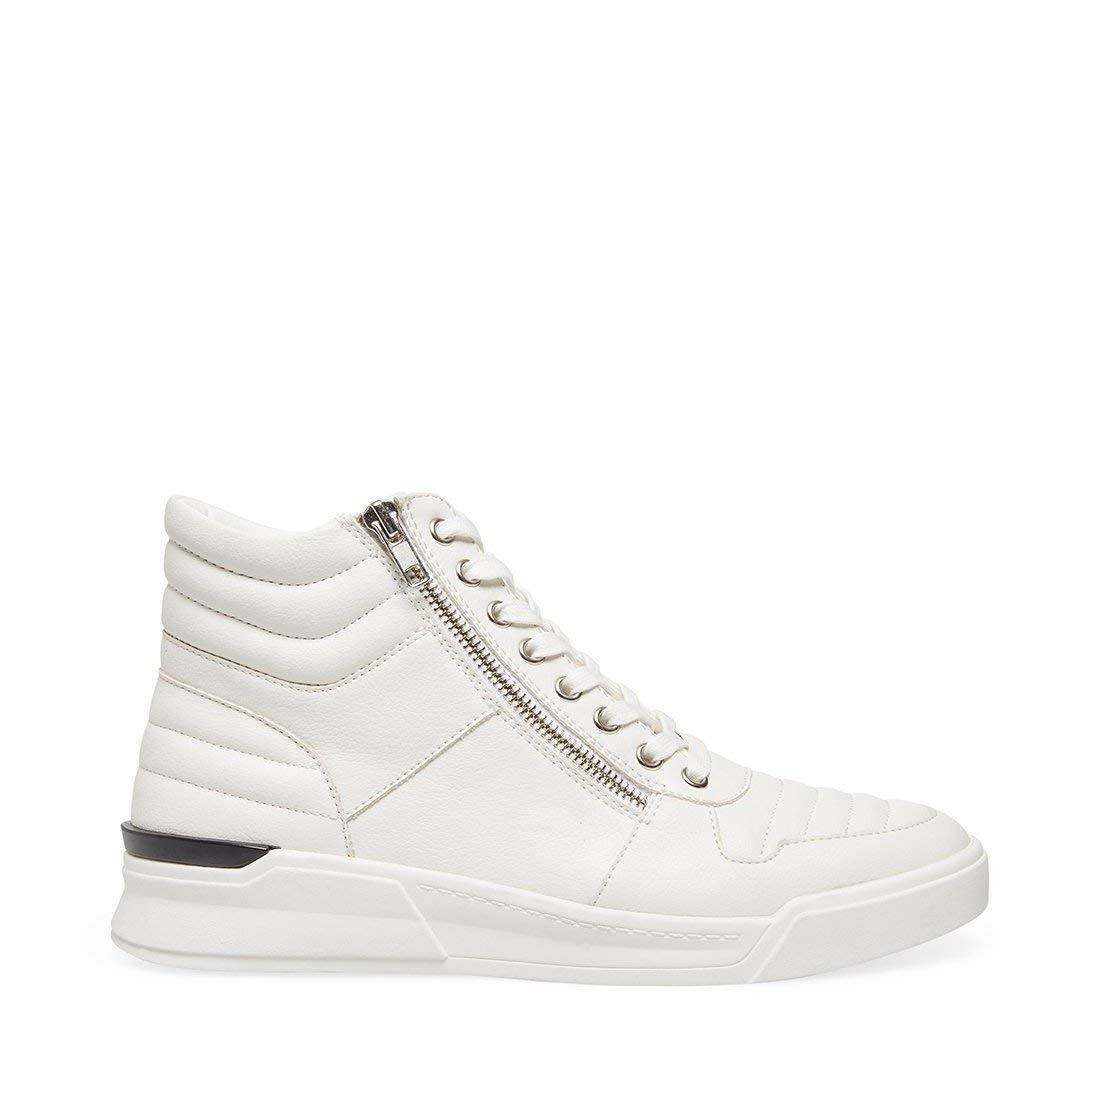 Steve Madden Caldwell Sneaker White